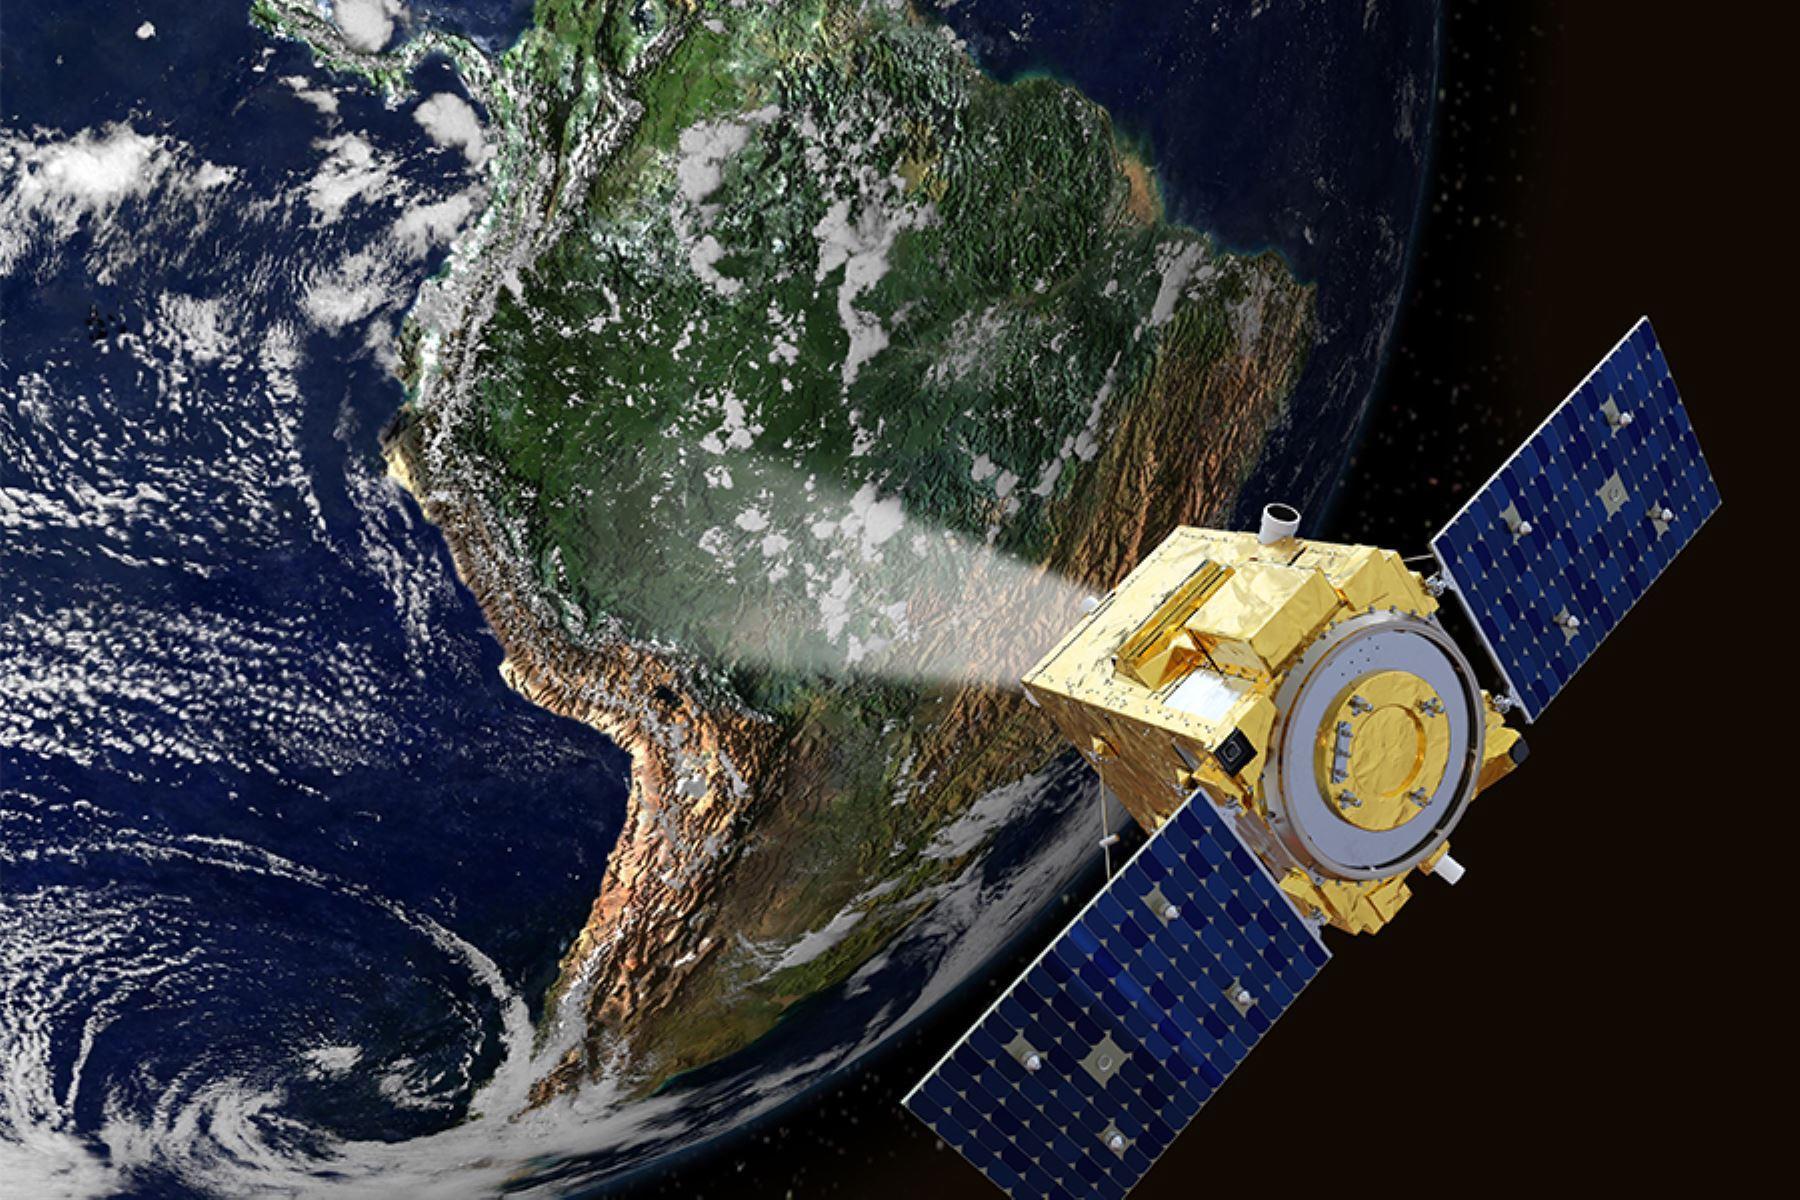 Conida realizará la programación de otro seguimiento de acuerdo a las órbitas del satélite